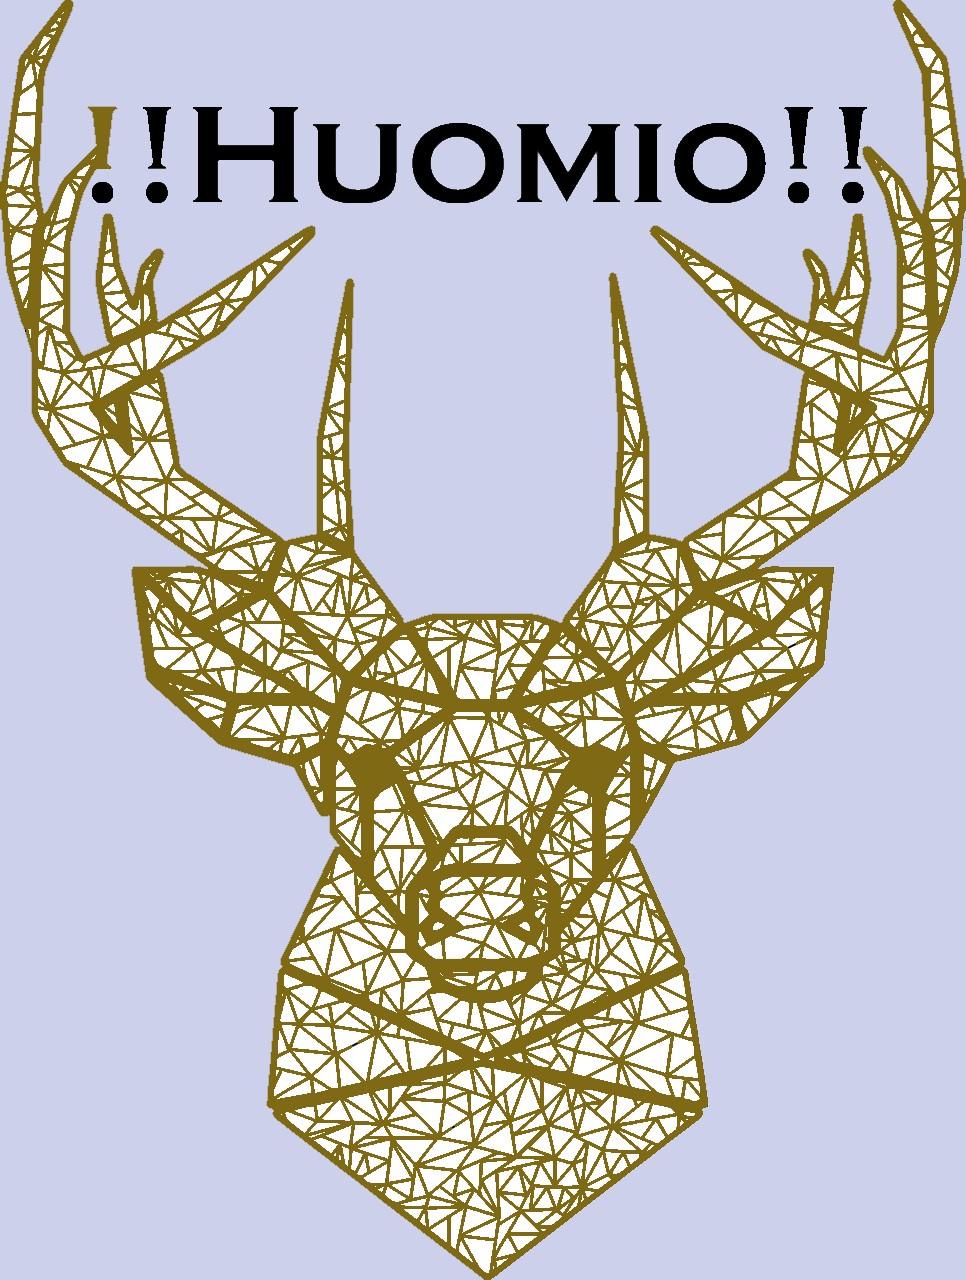 deer-antler-buck-5583793